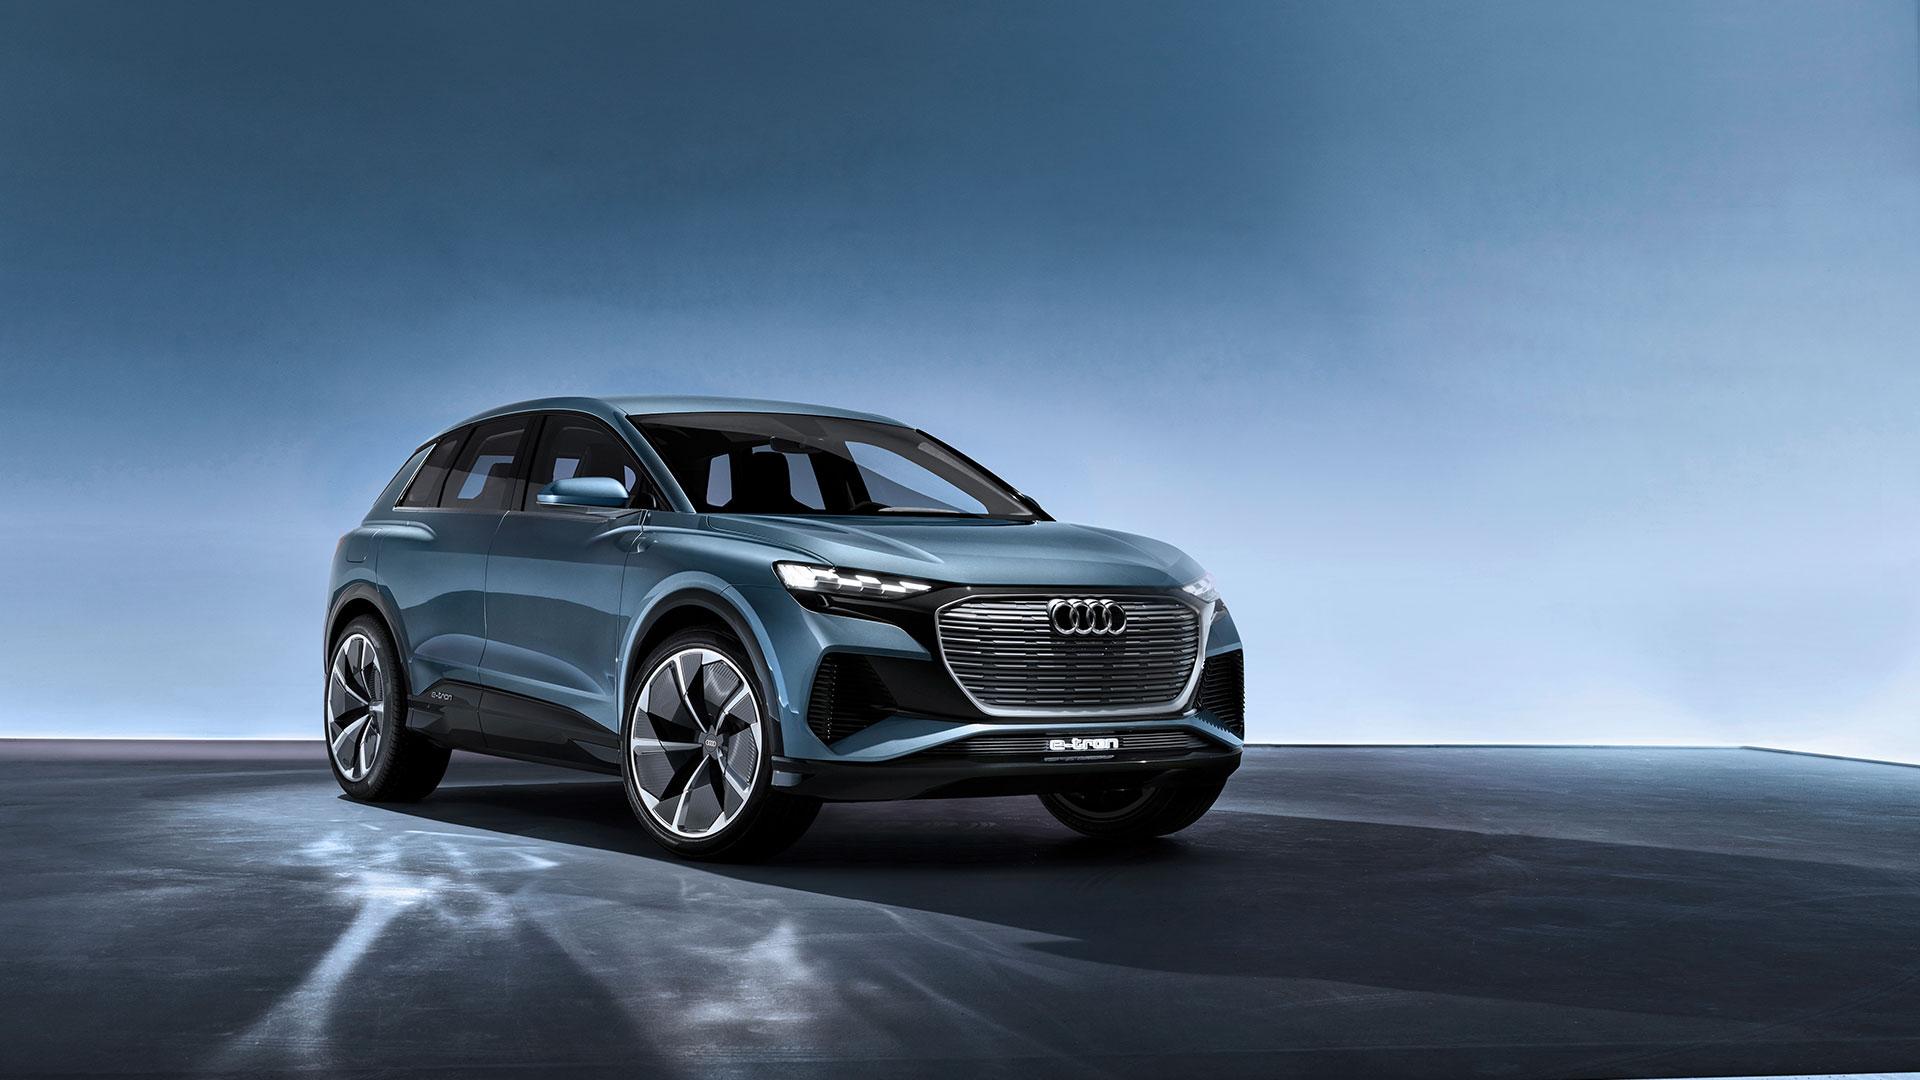 Audi Q4 E Tron Concept